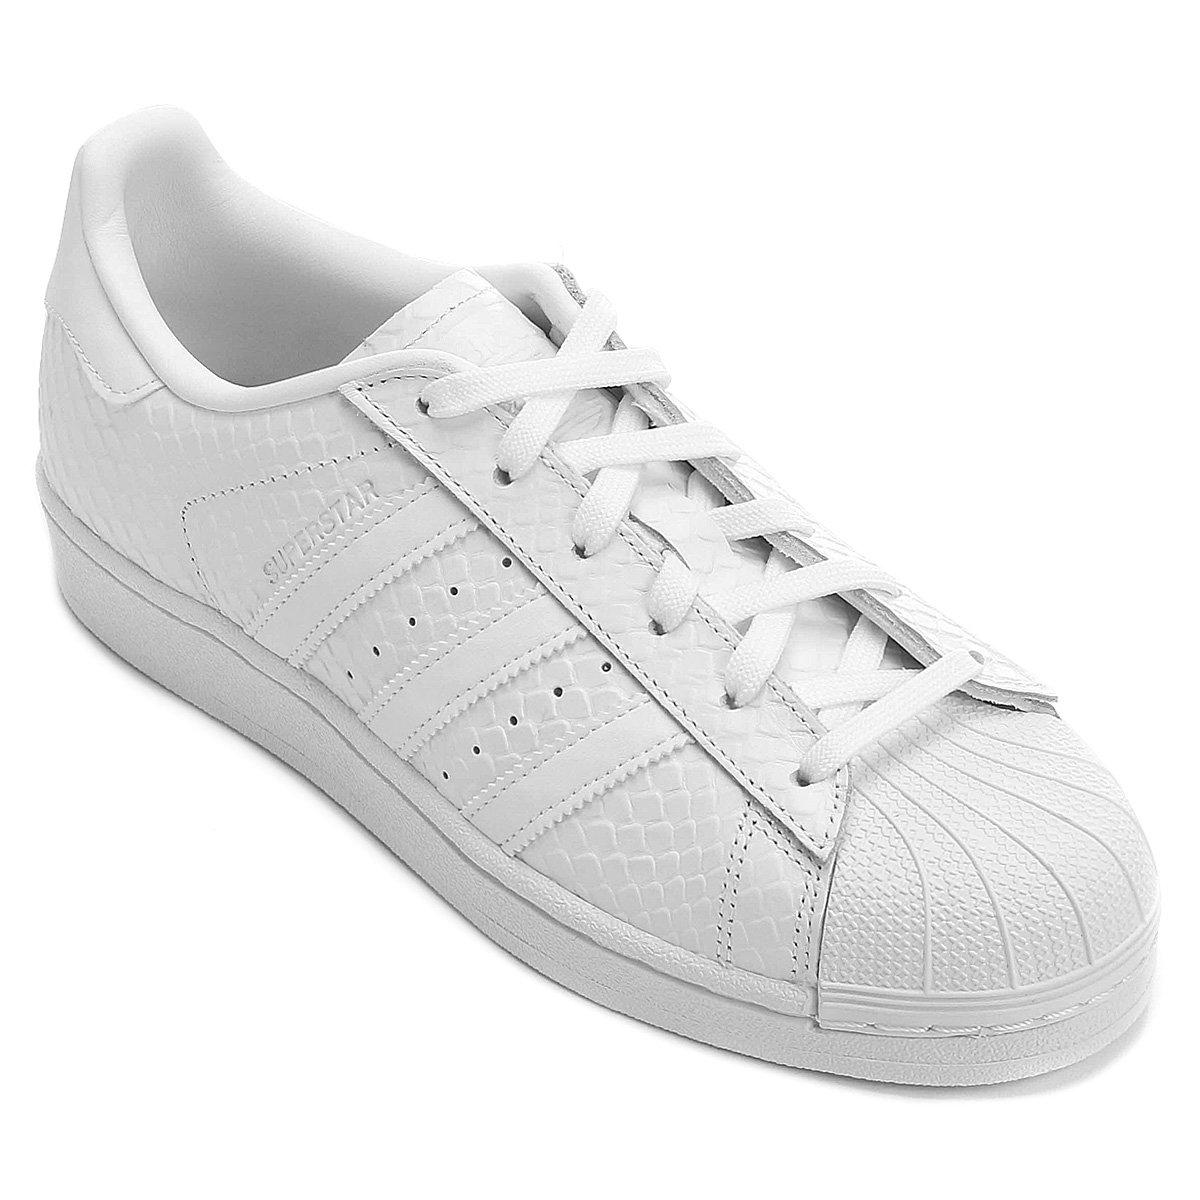 ec42463cda ... free shipping tênis adidas superstar w compre agora netshoes ad9da  1f107 spain adidas originals ...